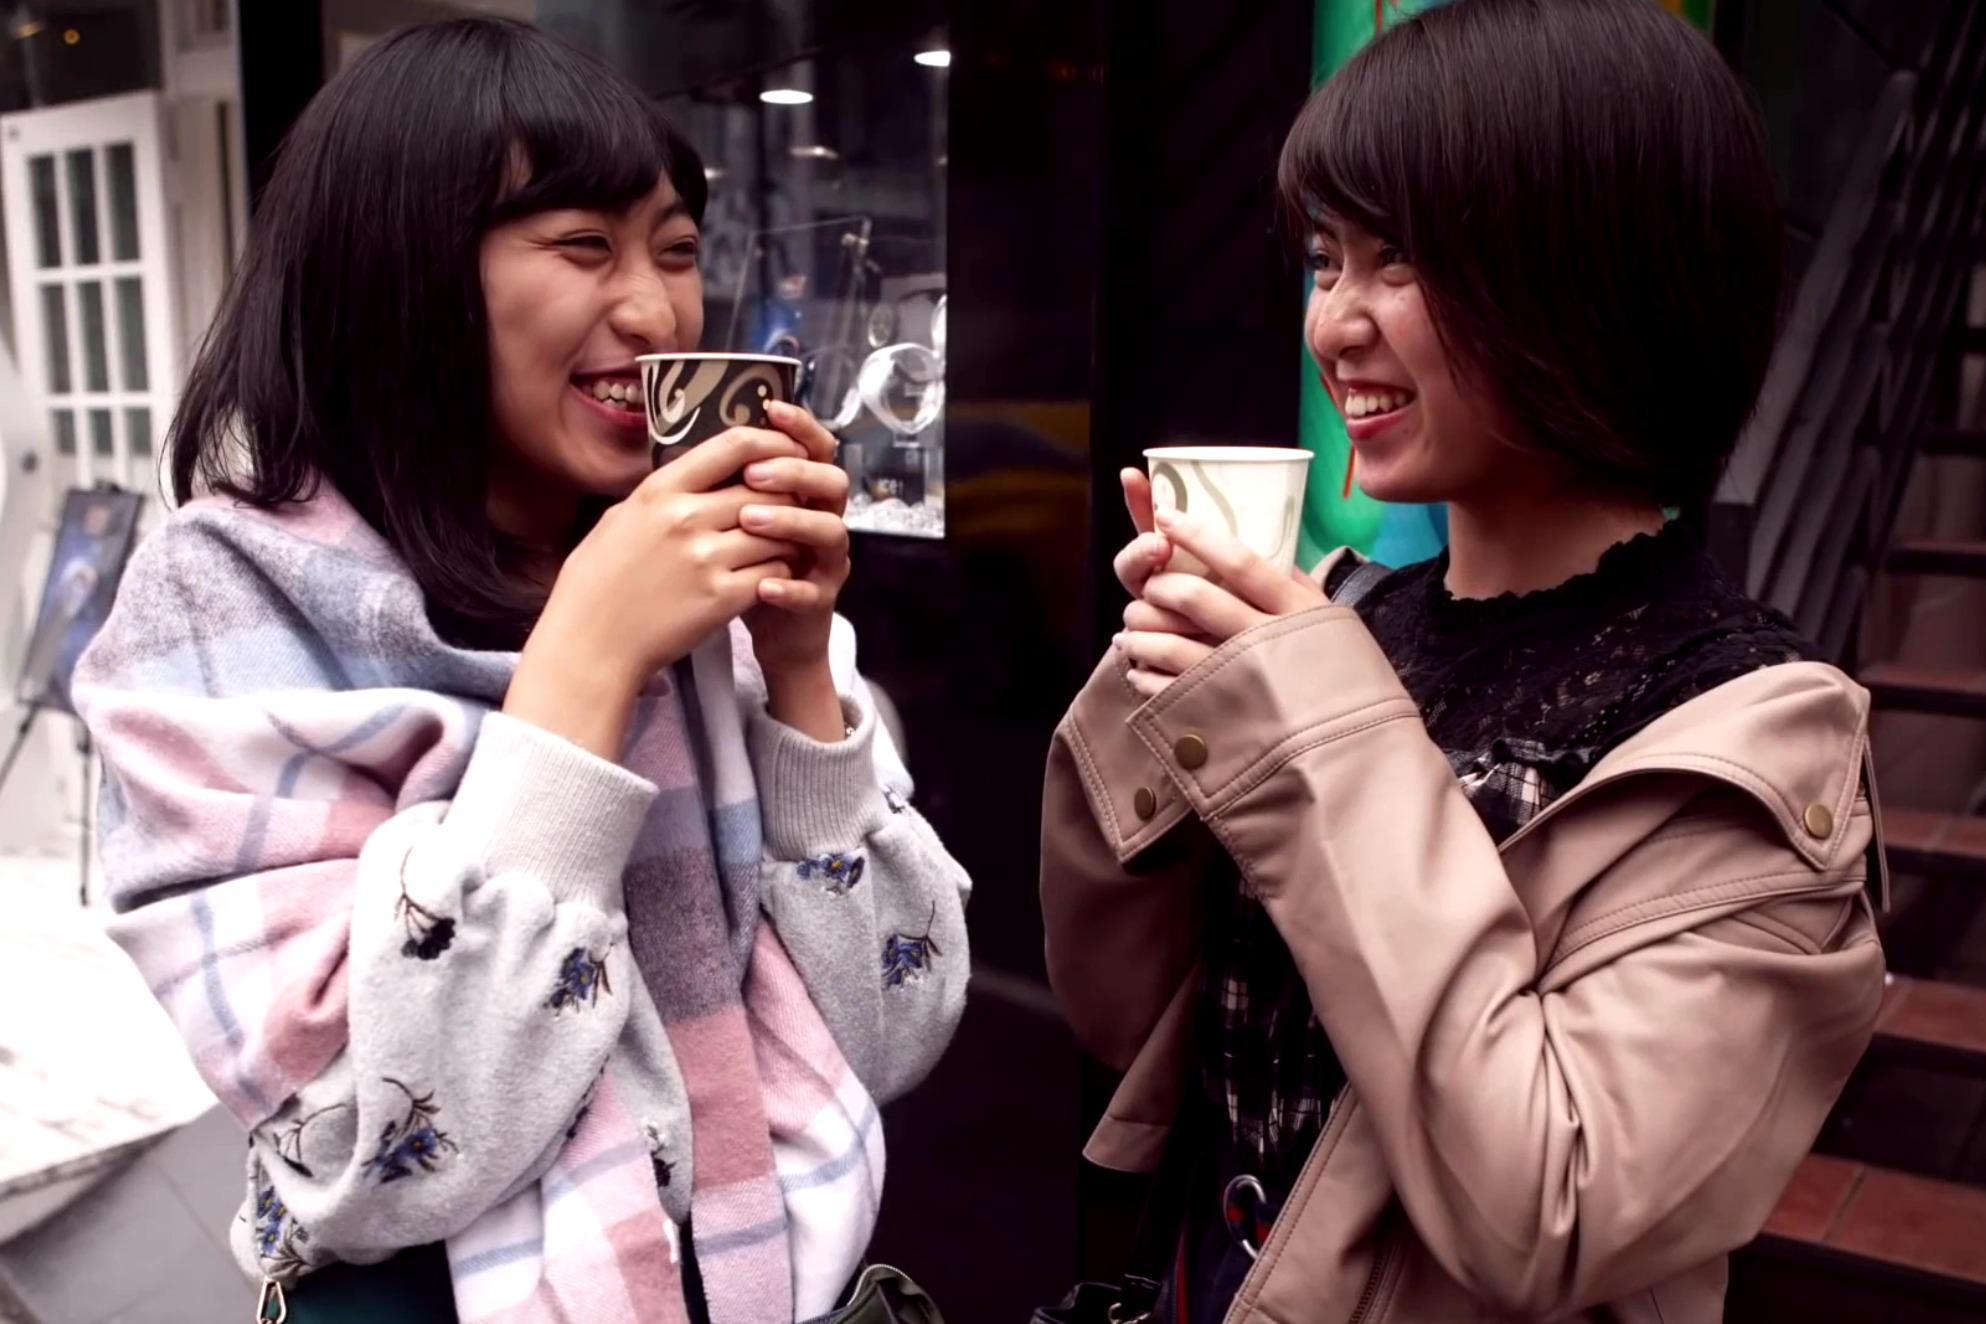 日本街拍:记录那些有个性的小哥哥小姐姐们-2